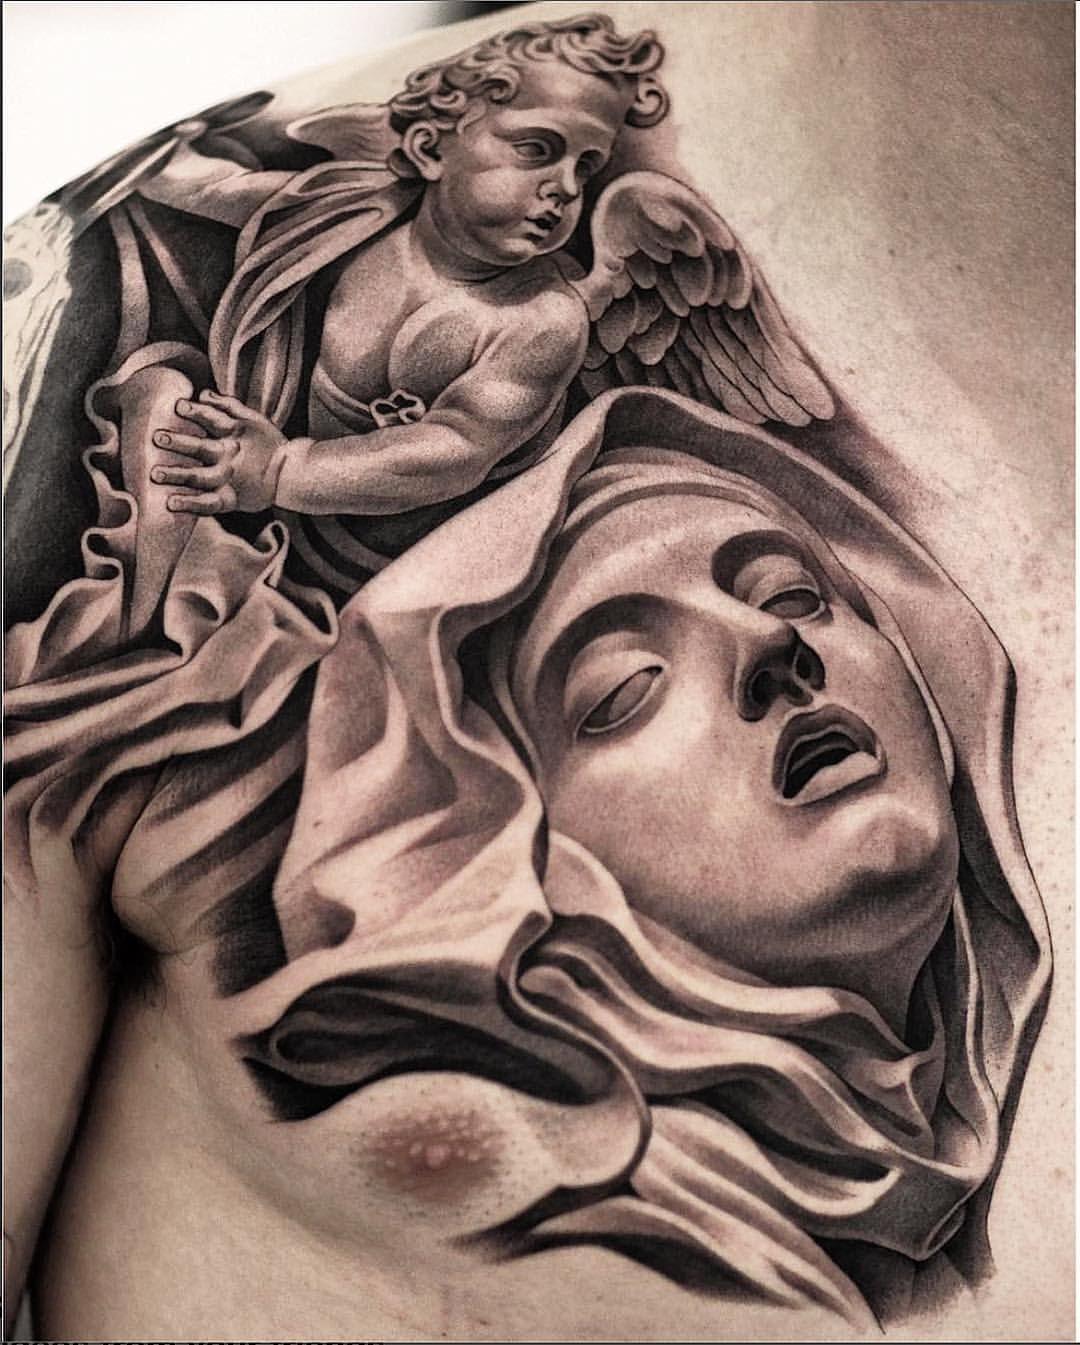 c2a26821d Jun Cha Chest Piece Cupid Tattoo, Mary Tattoo, Tattoo Shading, Realism  Tattoo,